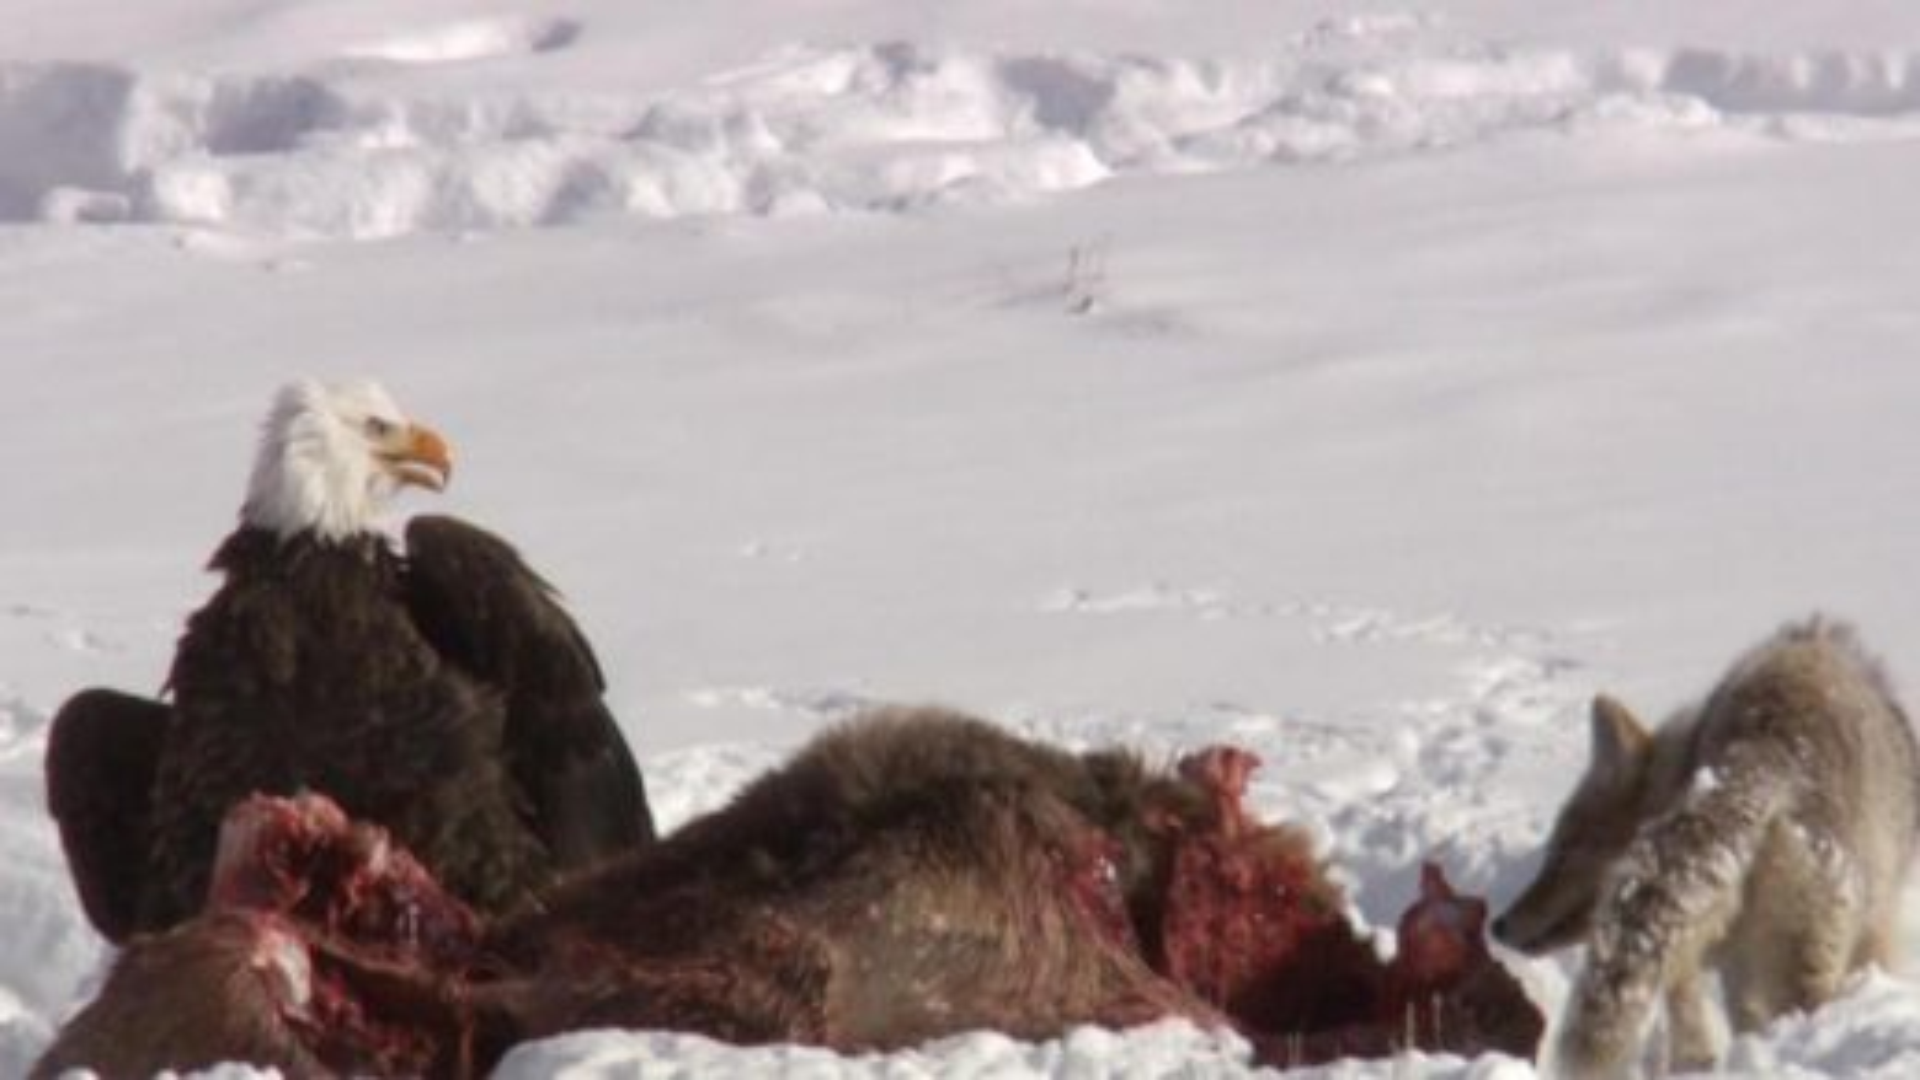 نبرد کایوت و عقاب آمریکایی بر سر لاشه شکار | فیلم